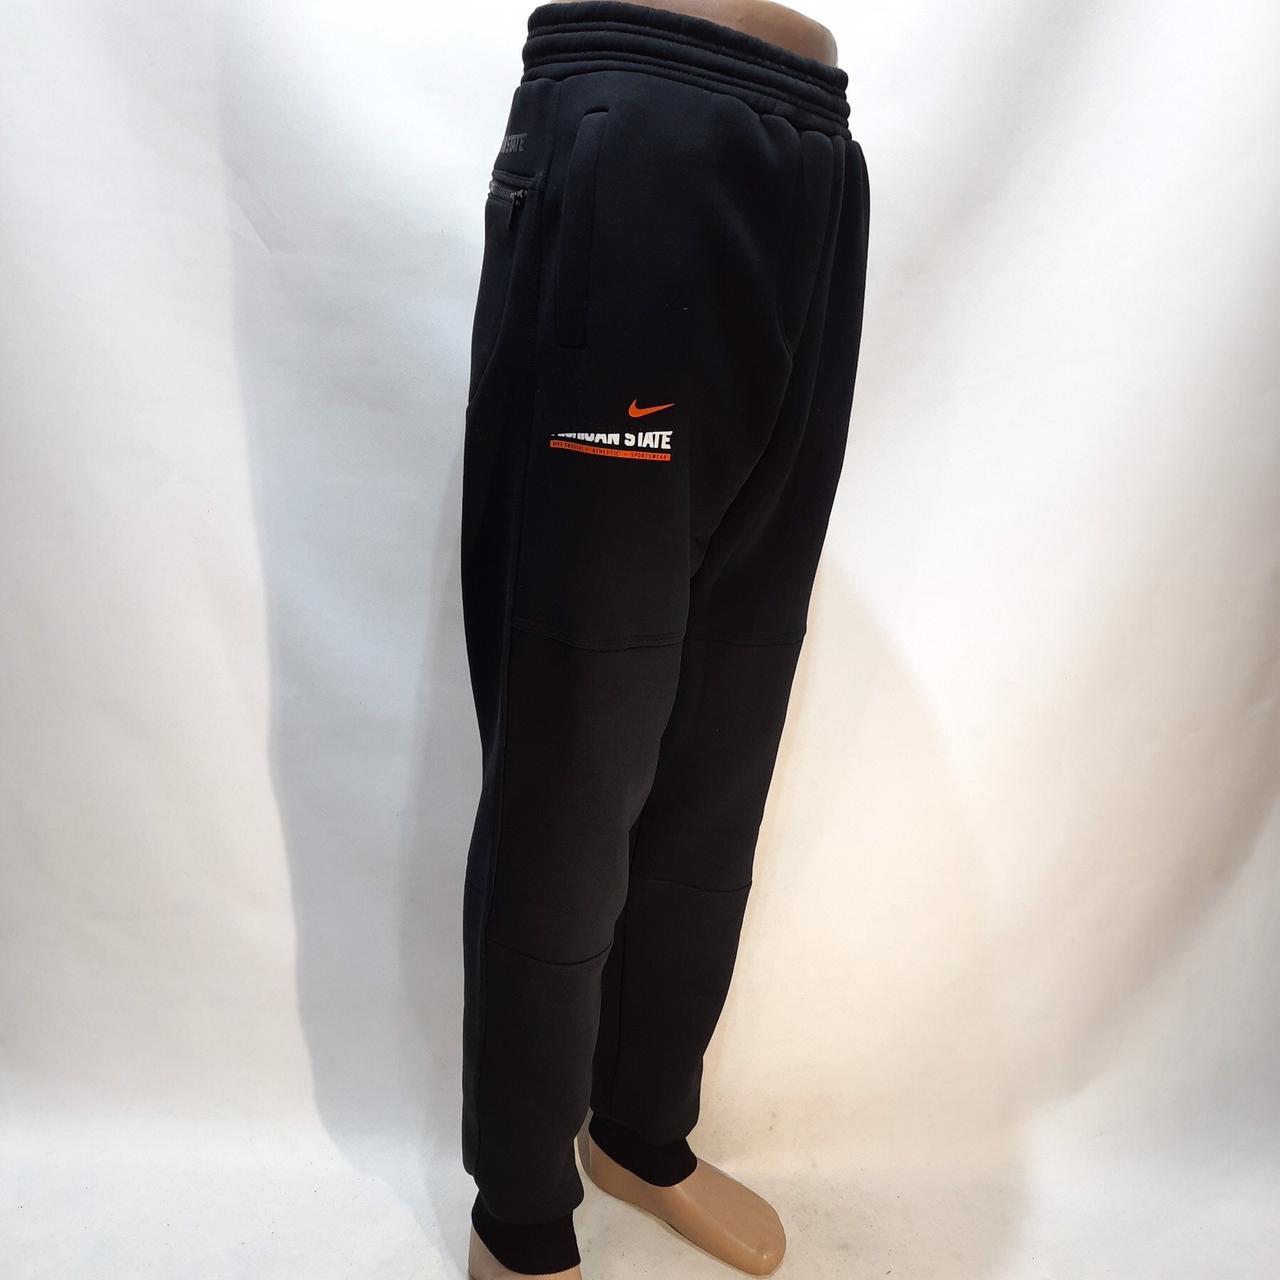 Чоловічі теплі спортивні штани Туреччина штани на манжеті Чорний